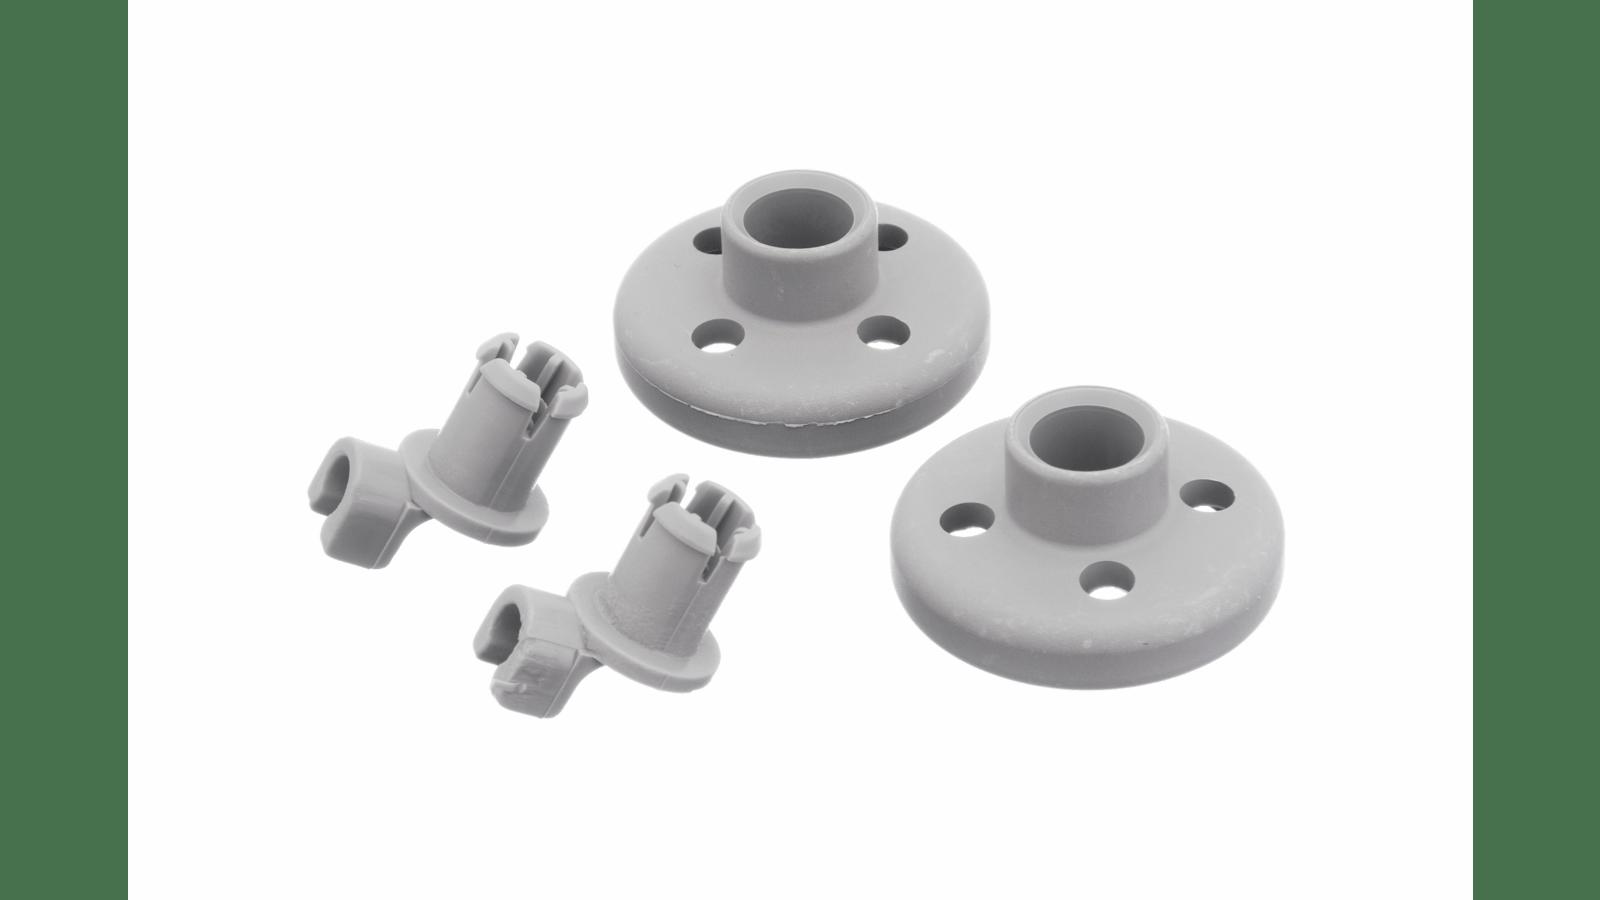 Bosch lave-vaisselle panier plaque support kit x 2 pièces de rechange